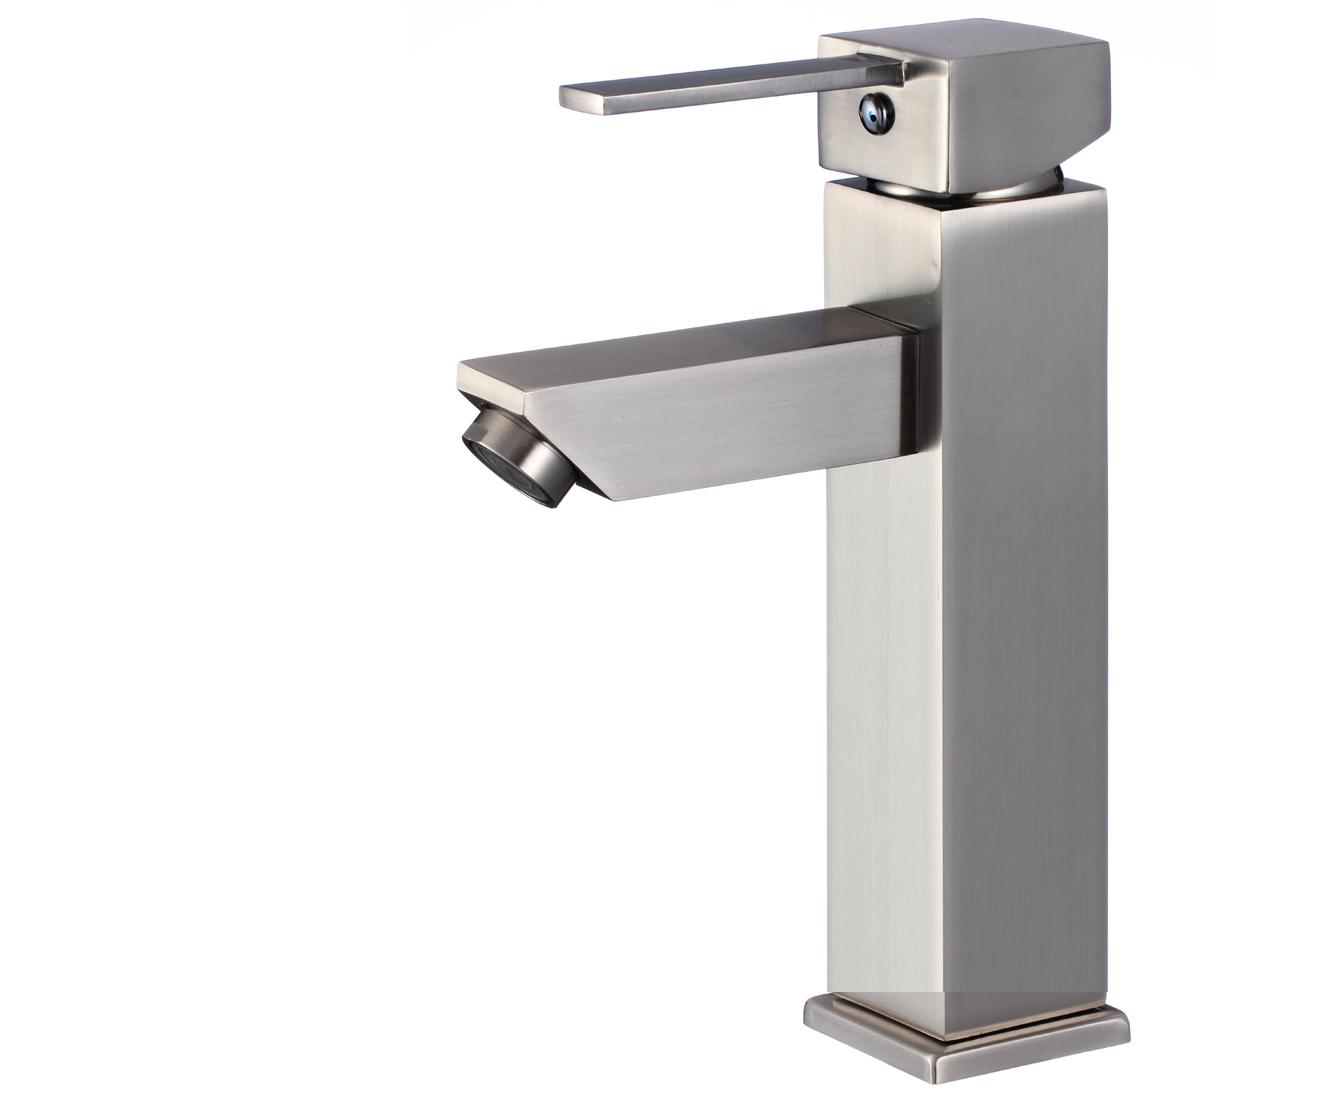 Shop Livorno Single Handle Deck Mounted Bathroom Sink Faucet At ...